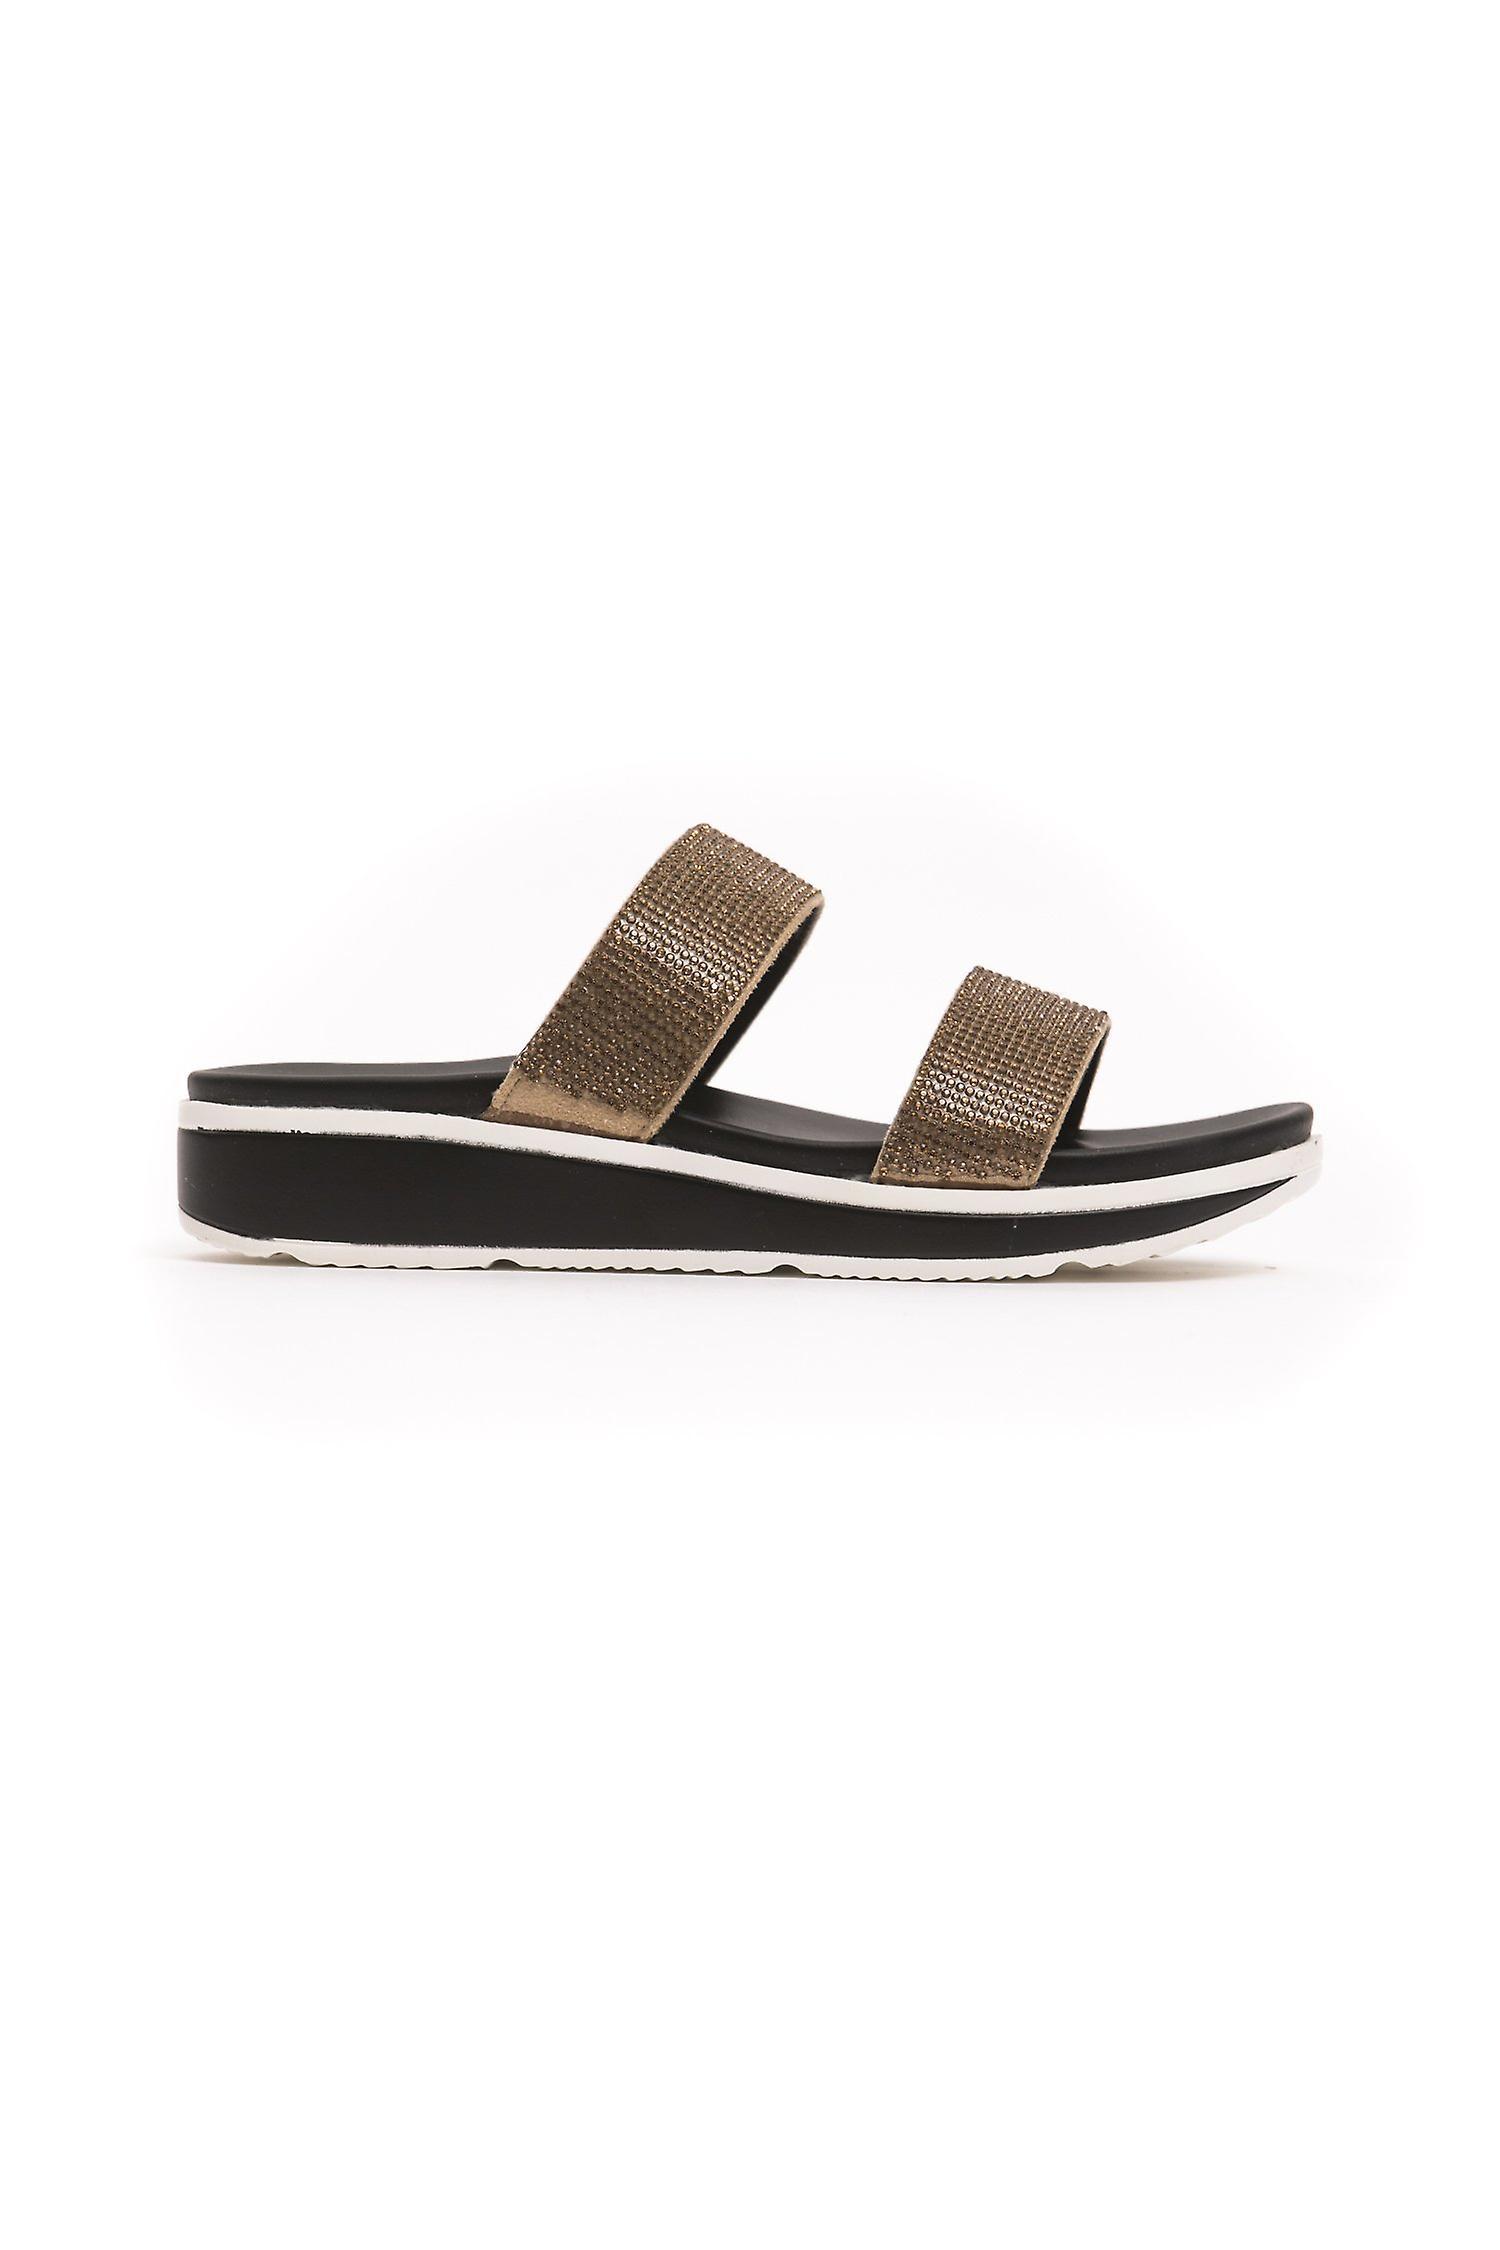 Beżowe sandały Originel 998998-EU36-US5-5 0a4sX